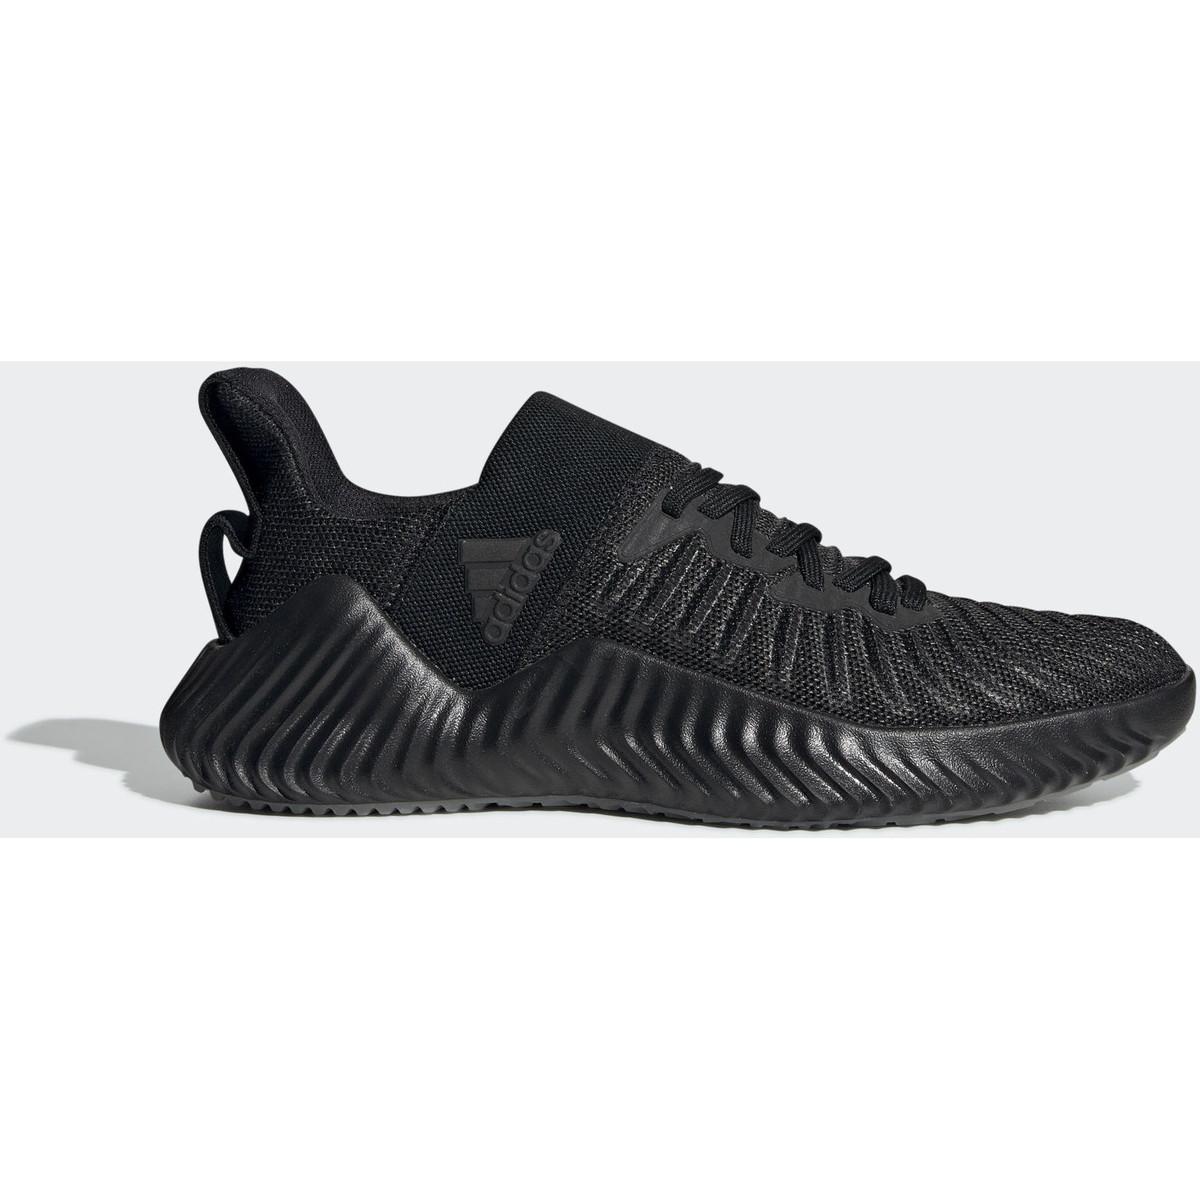 Chaussure Alphabounce Trainer Chaussures adidas pour homme en coloris Noir